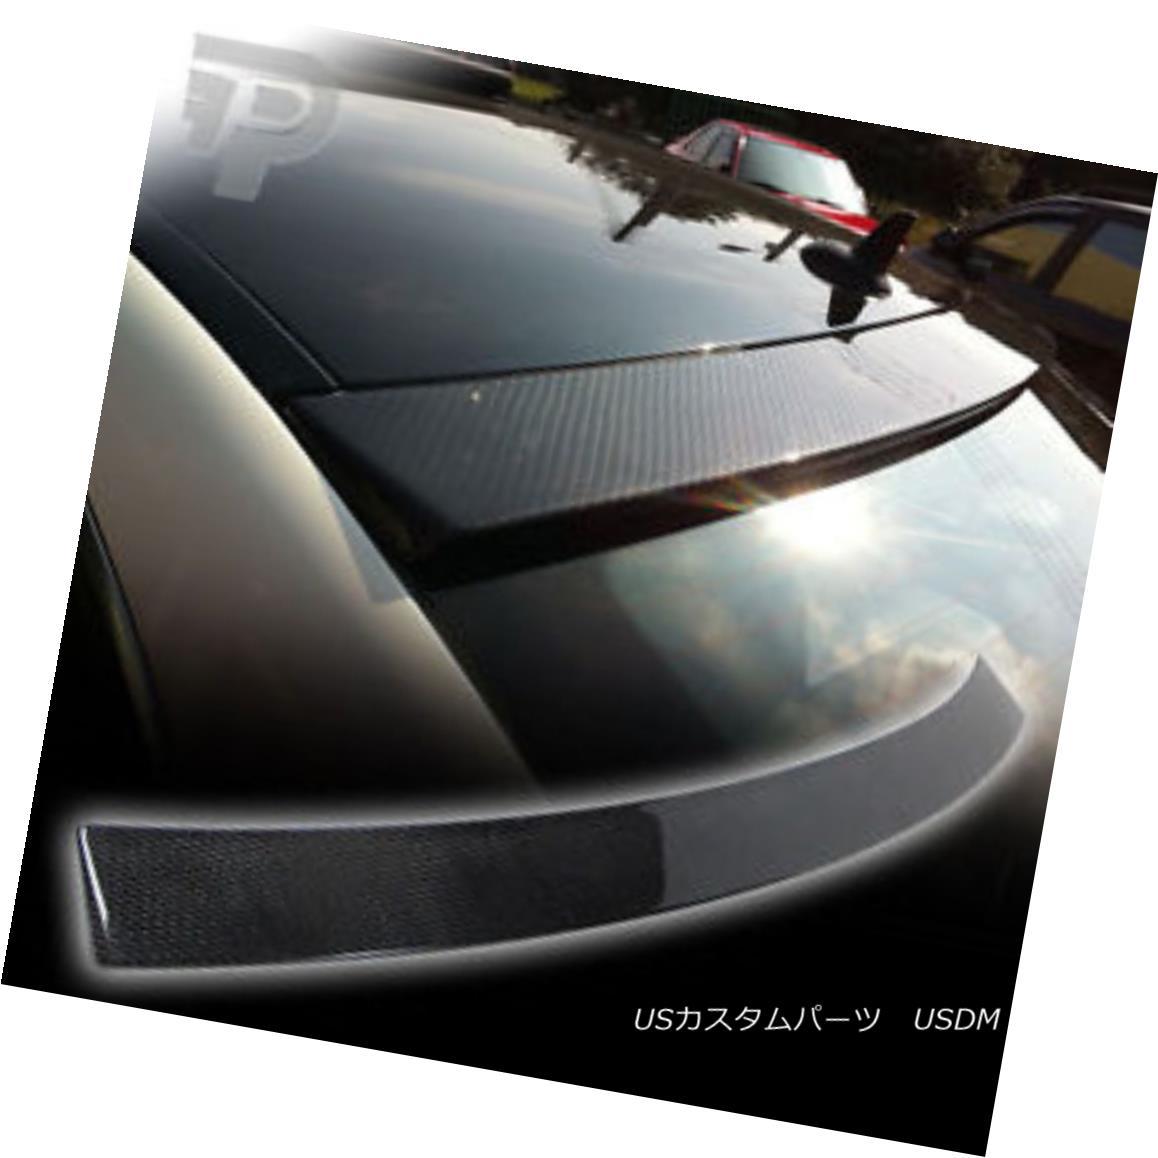 エアロパーツ Carbon Fiber Mercedes BENZ W204 Saloon Wing Rear Roof Spoiler Boot 08 炭素繊維メルセデスベンツW204サルーンウィングリアルーフスポイラーブーツ08